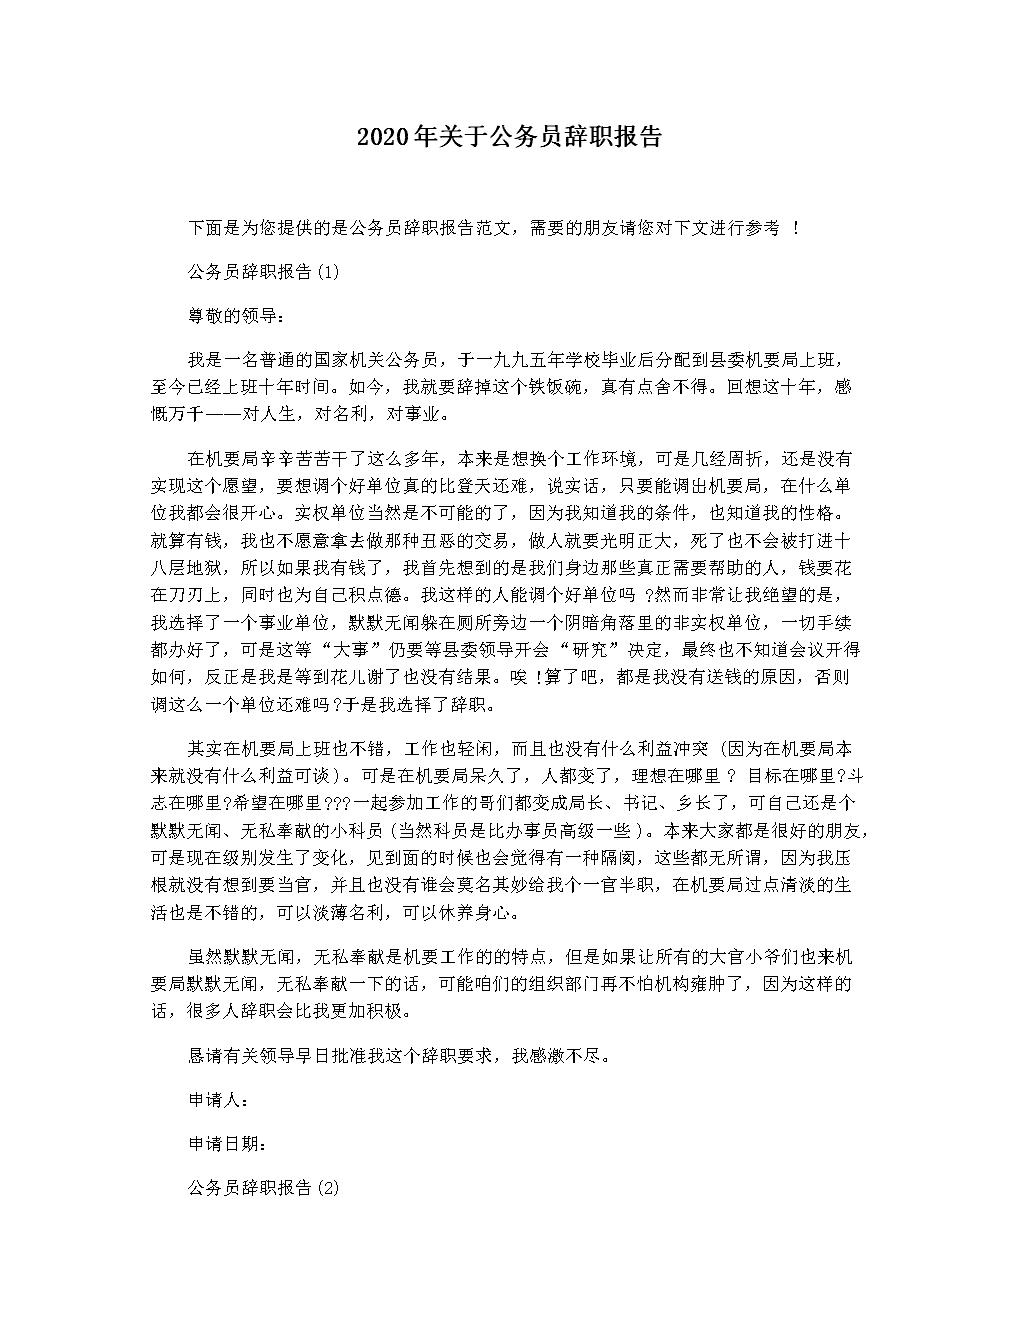 2020年关于公务员辞职报告.docx